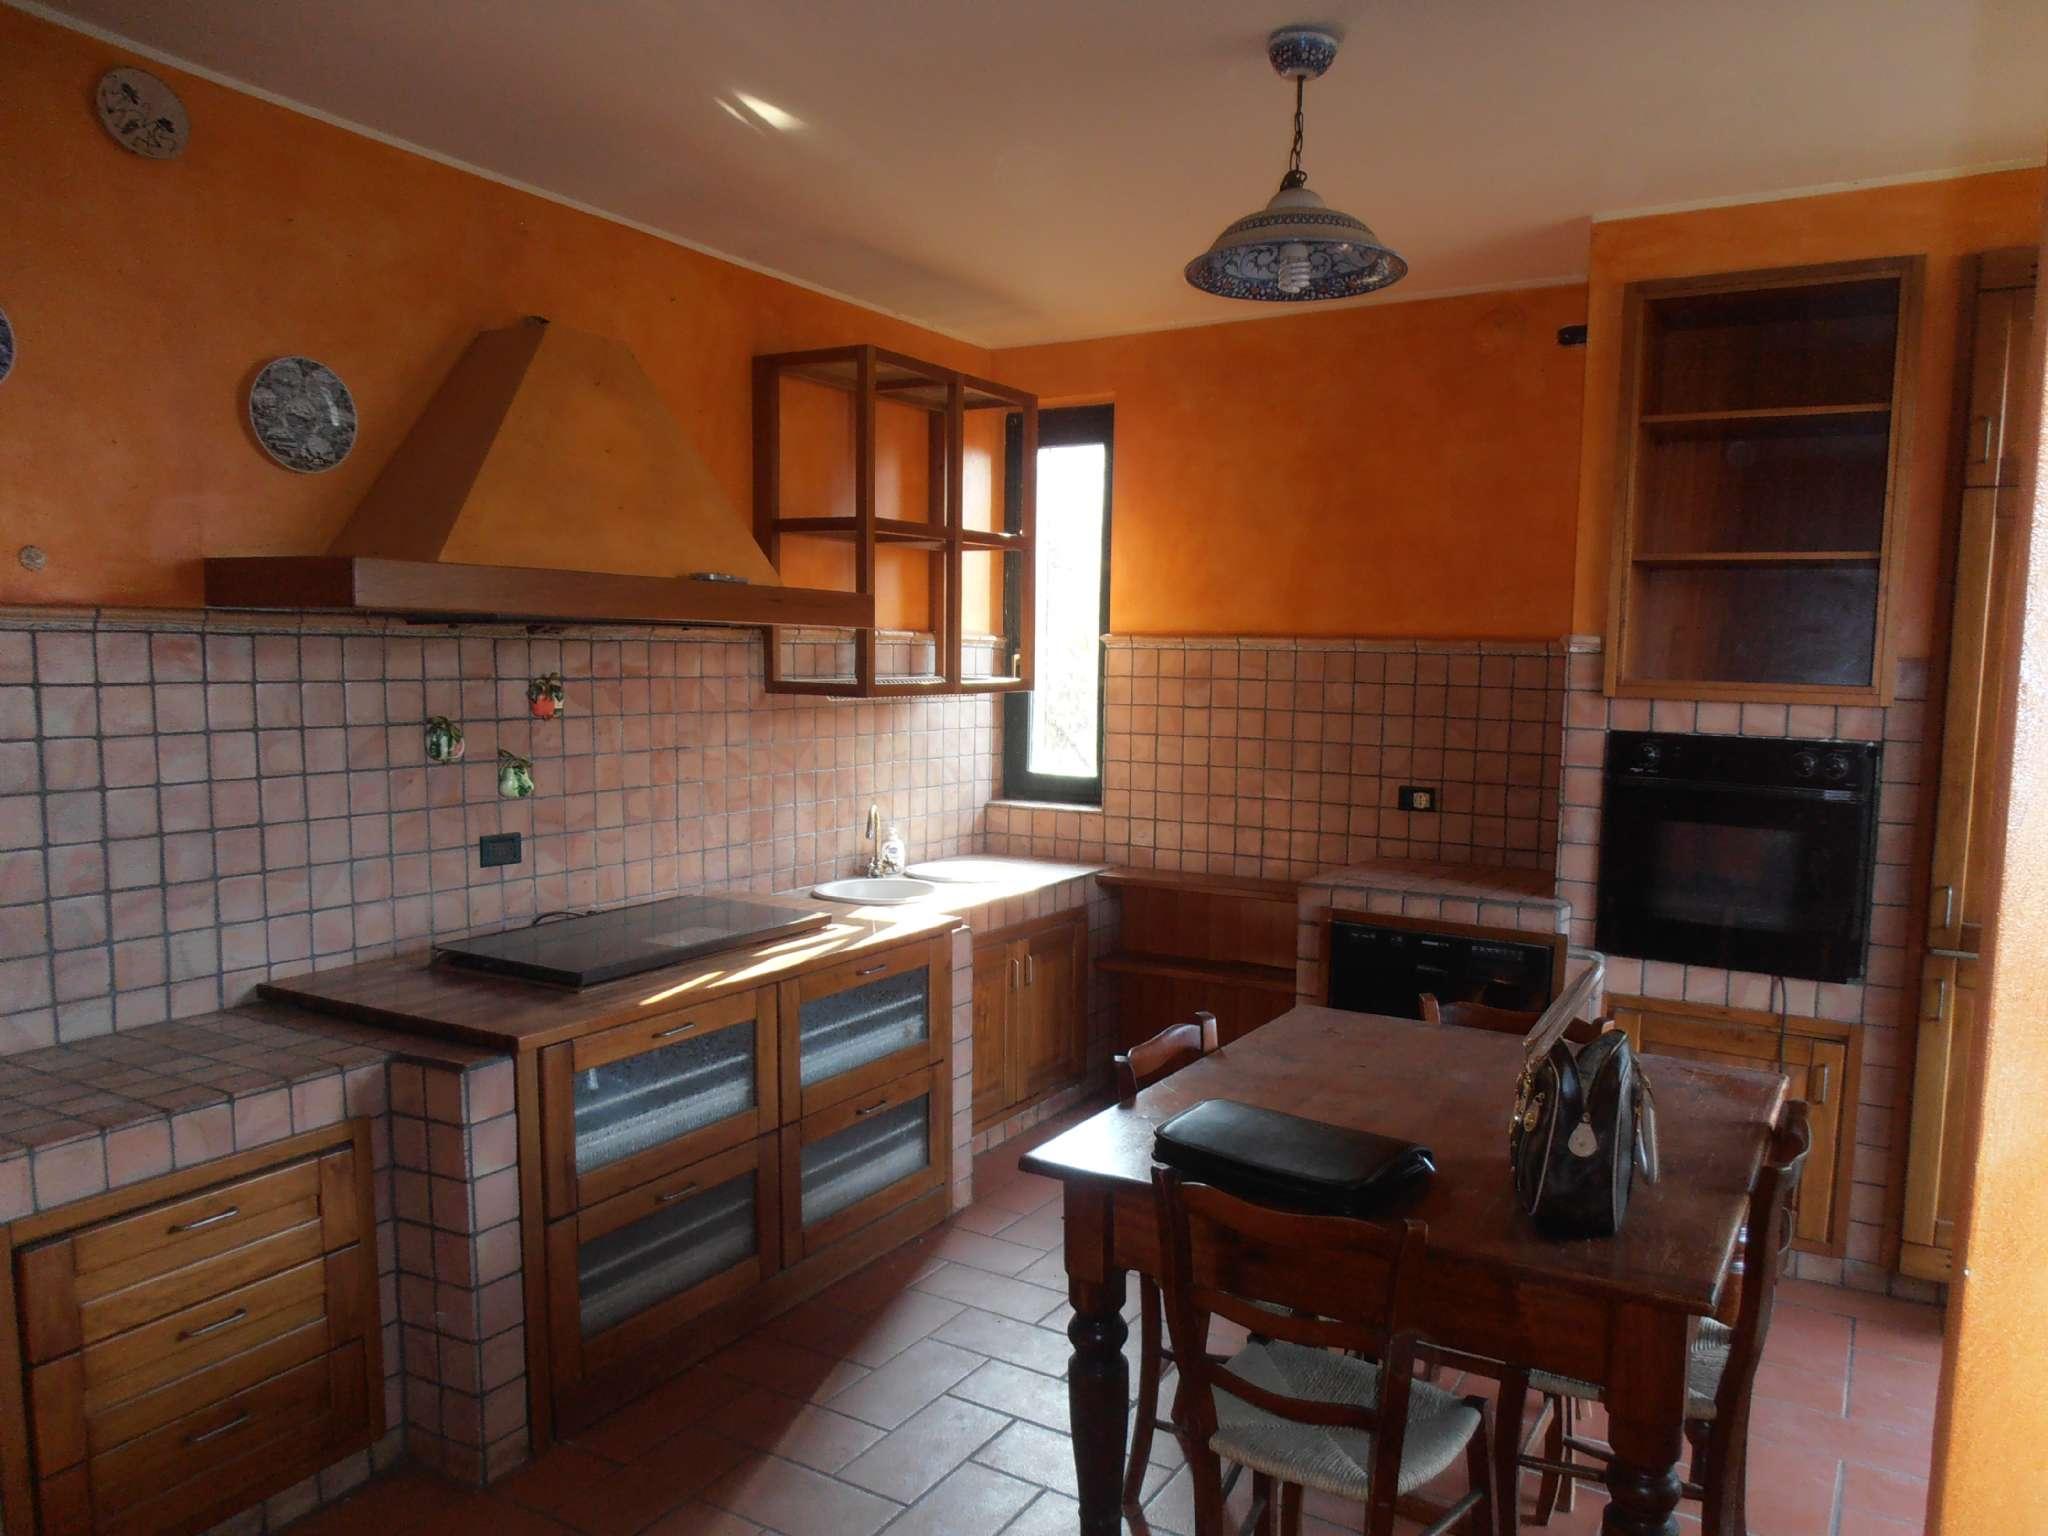 Villa Bifamiliare in vendita a Vermezzo, 5 locali, prezzo € 273.000   CambioCasa.it